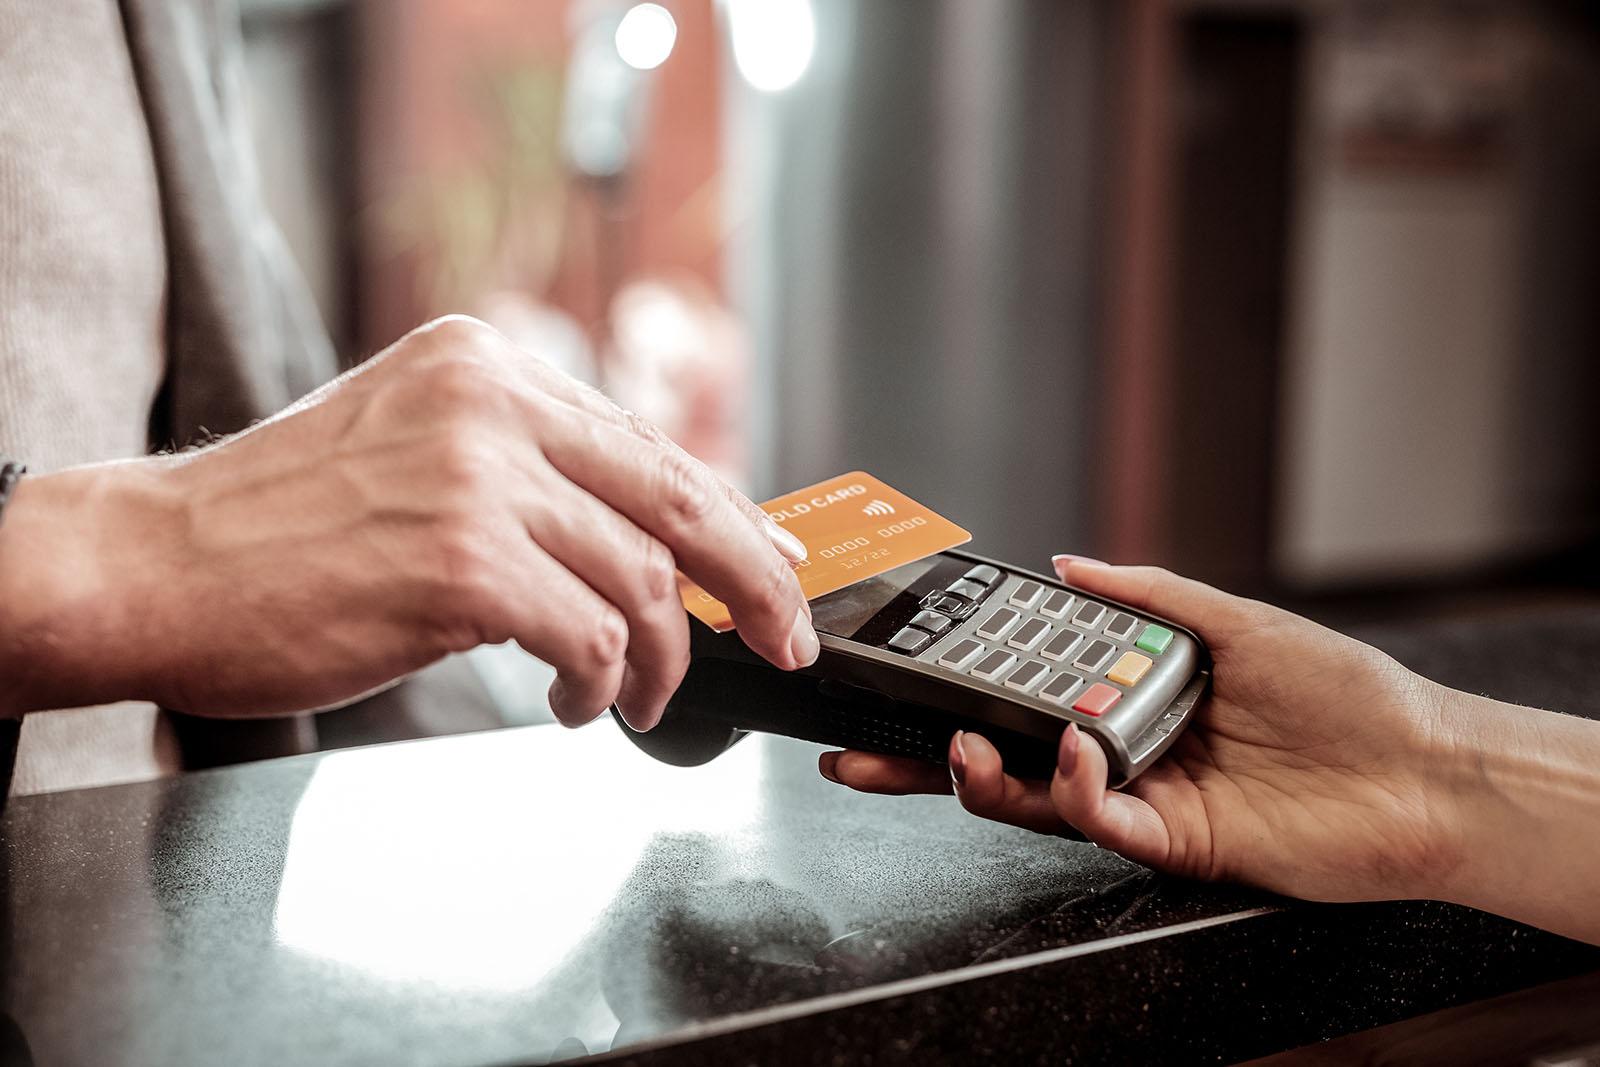 Технические сбои и негативные ответы при использовании банковских карт